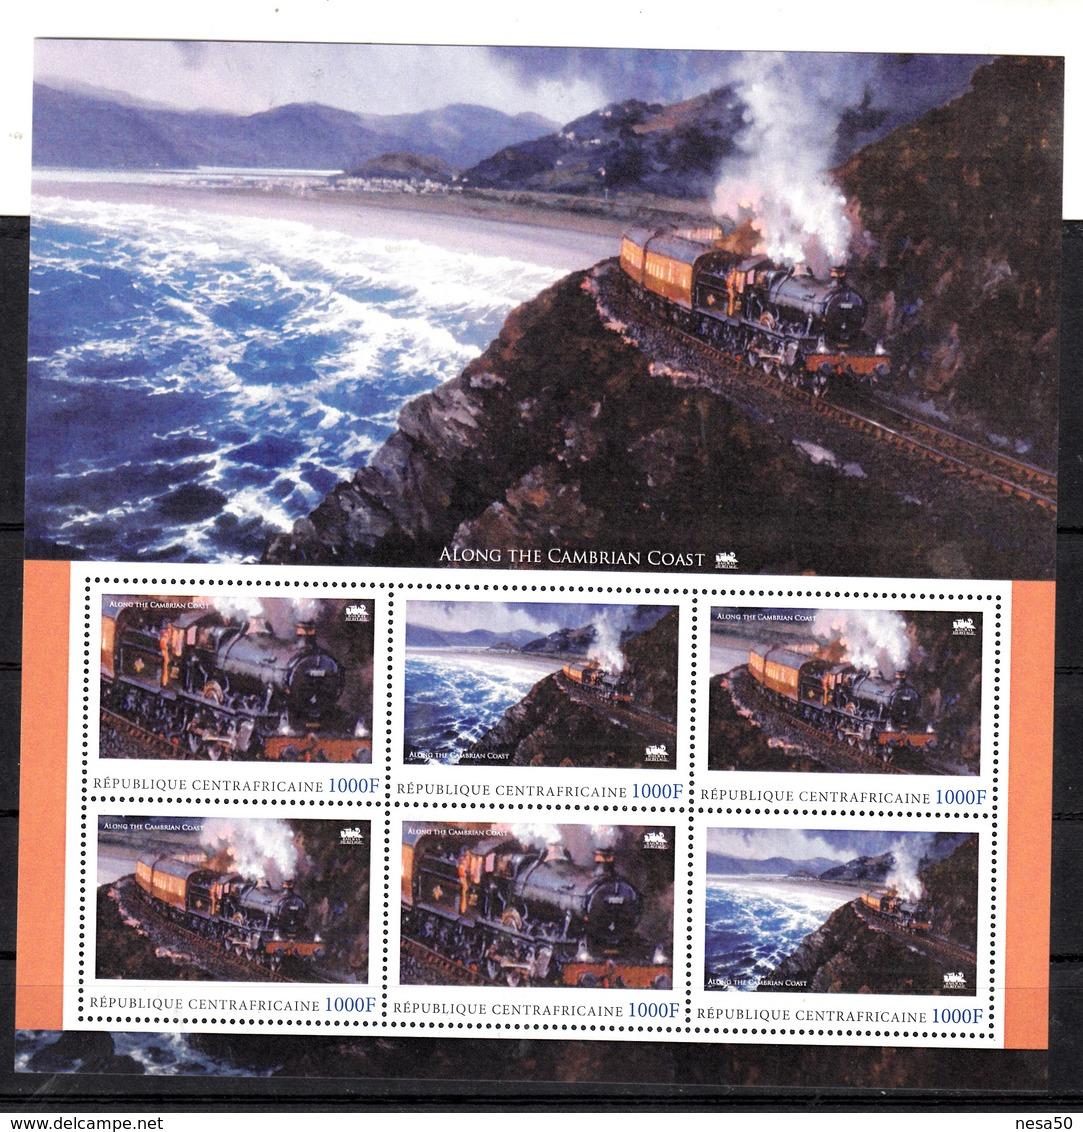 Trein, Train, Locomotive, Eisenbahn : Railway Heritage: Central Africa , Along The Cambrian Coast - Treinen